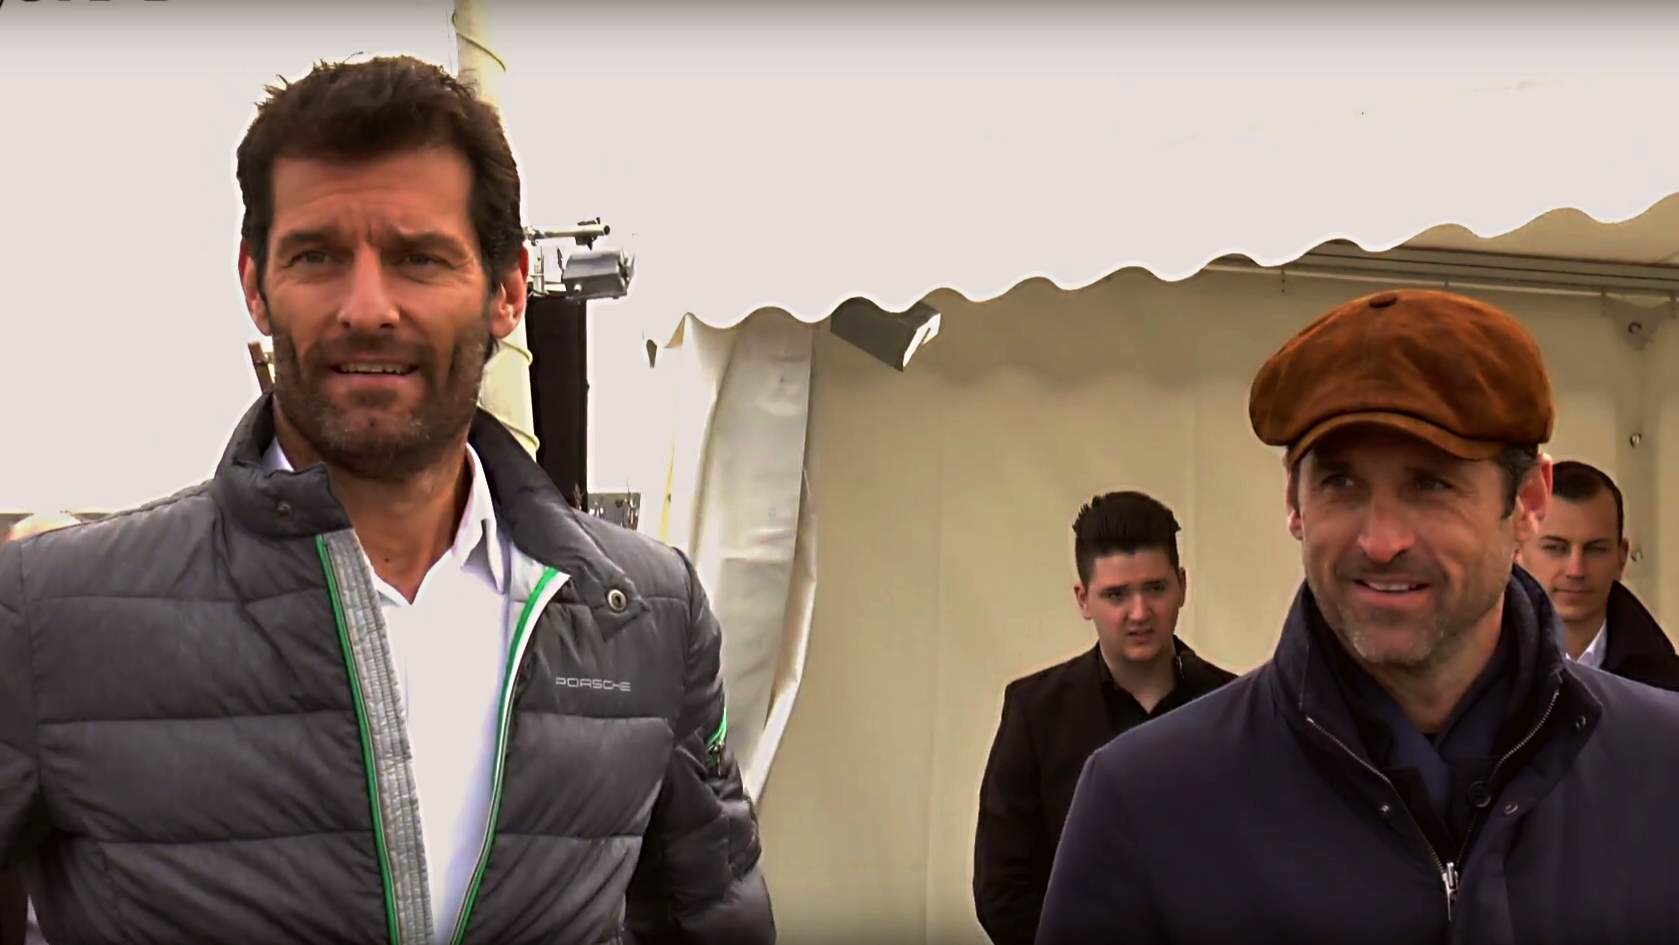 Mark Webber und Patrick Dempsey als Porsche Guides auf der Insel